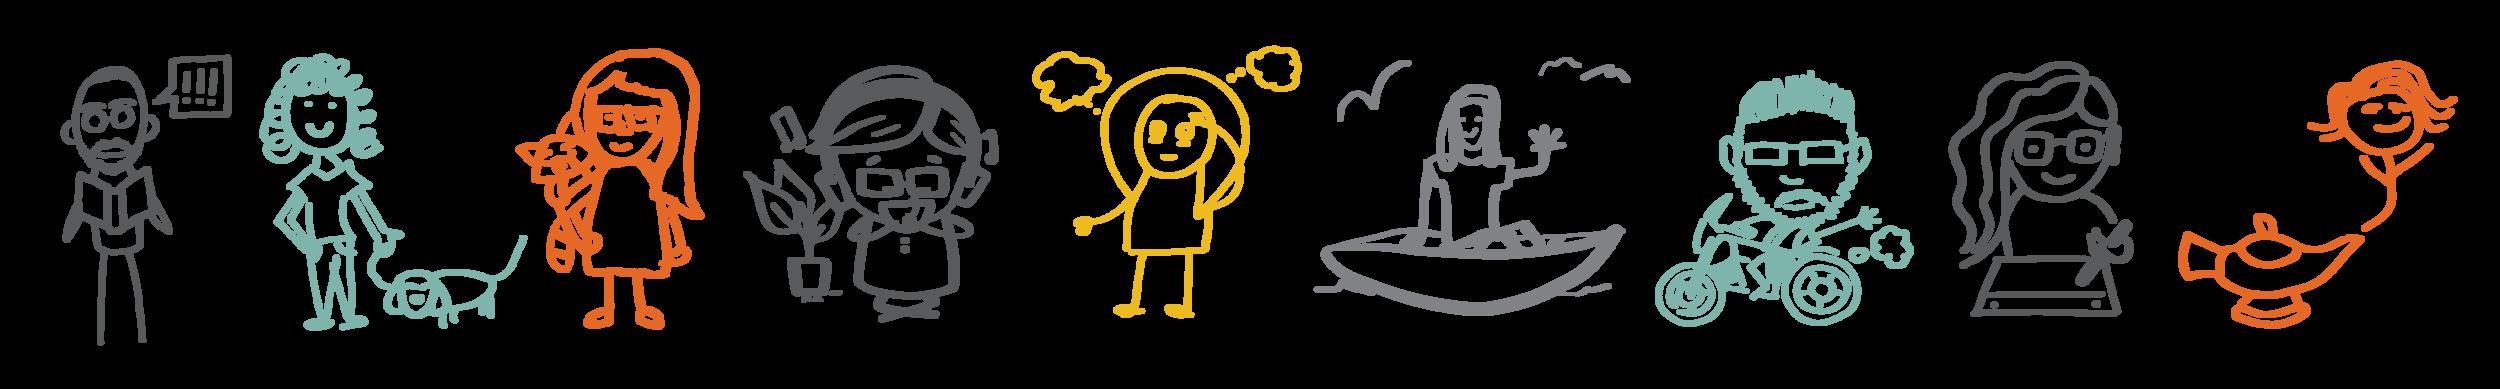 Team-sketch-01.png